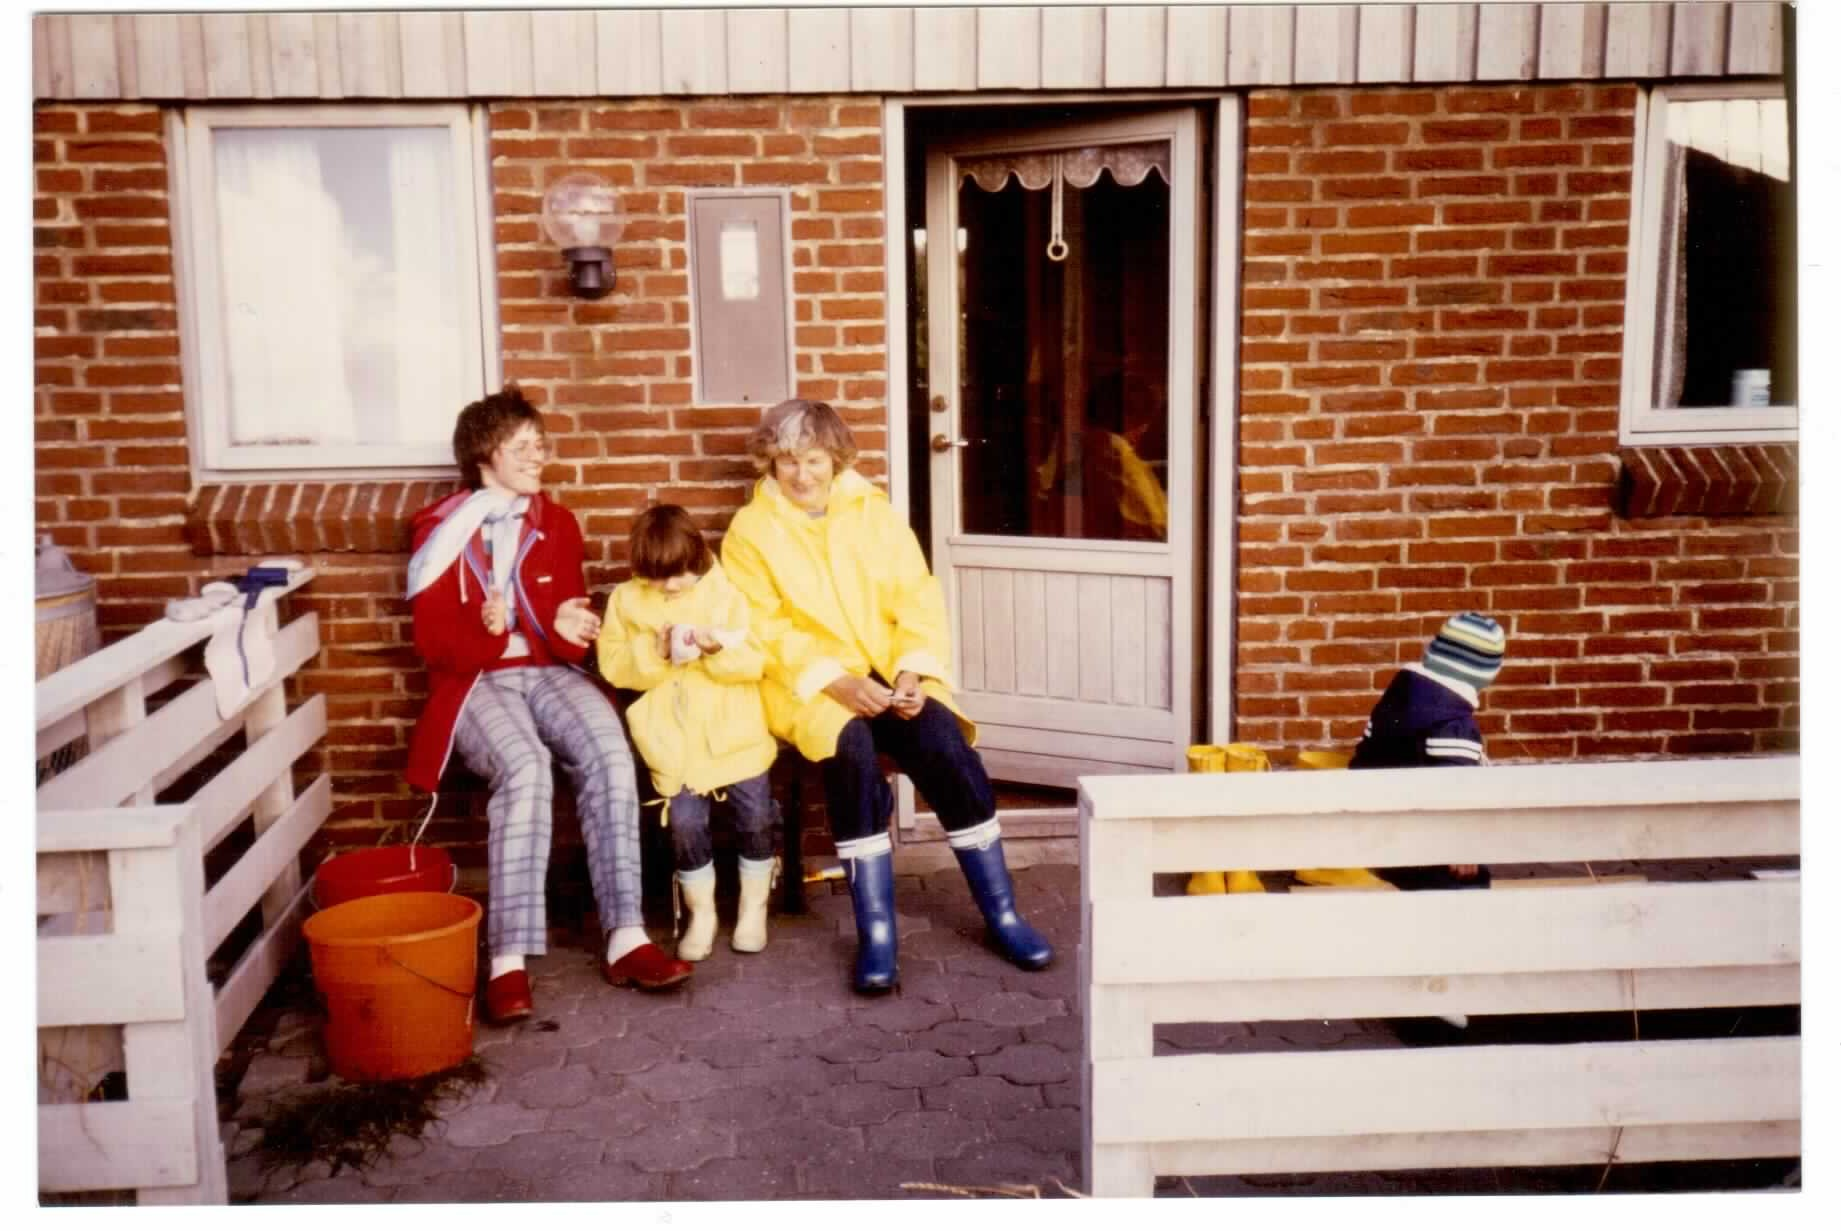 Familienurlaub im Ferienhaus 1987